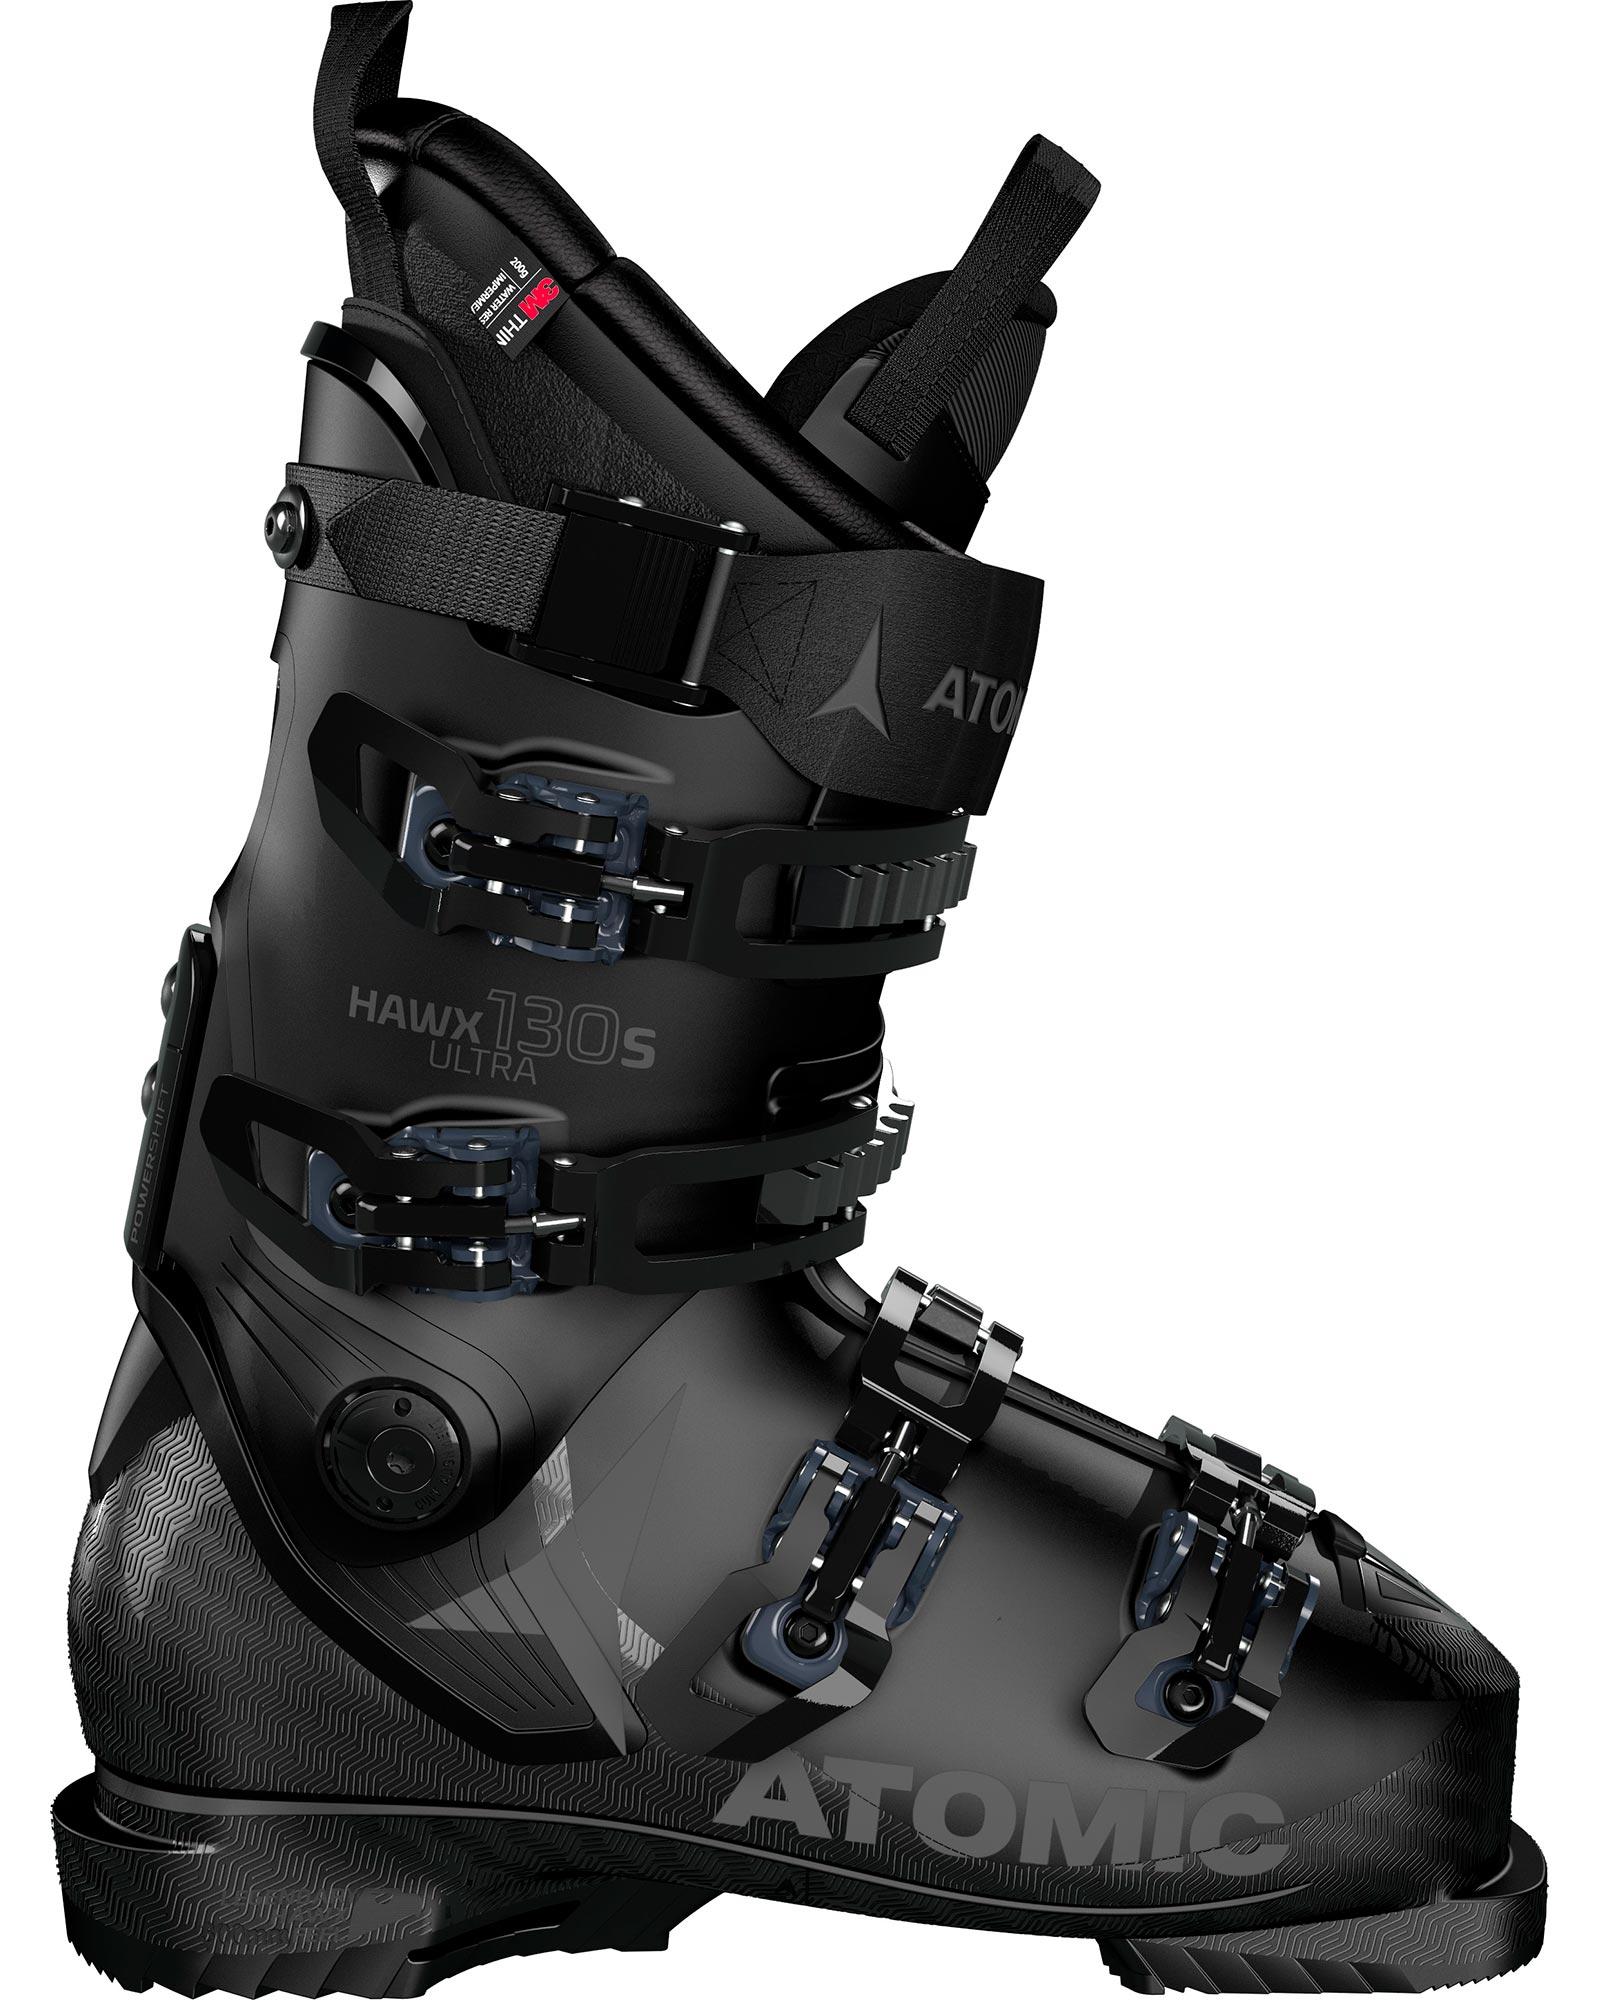 Atomic Men's Hawx Ultra 130 S Ski Boots 2020 / 2021 0